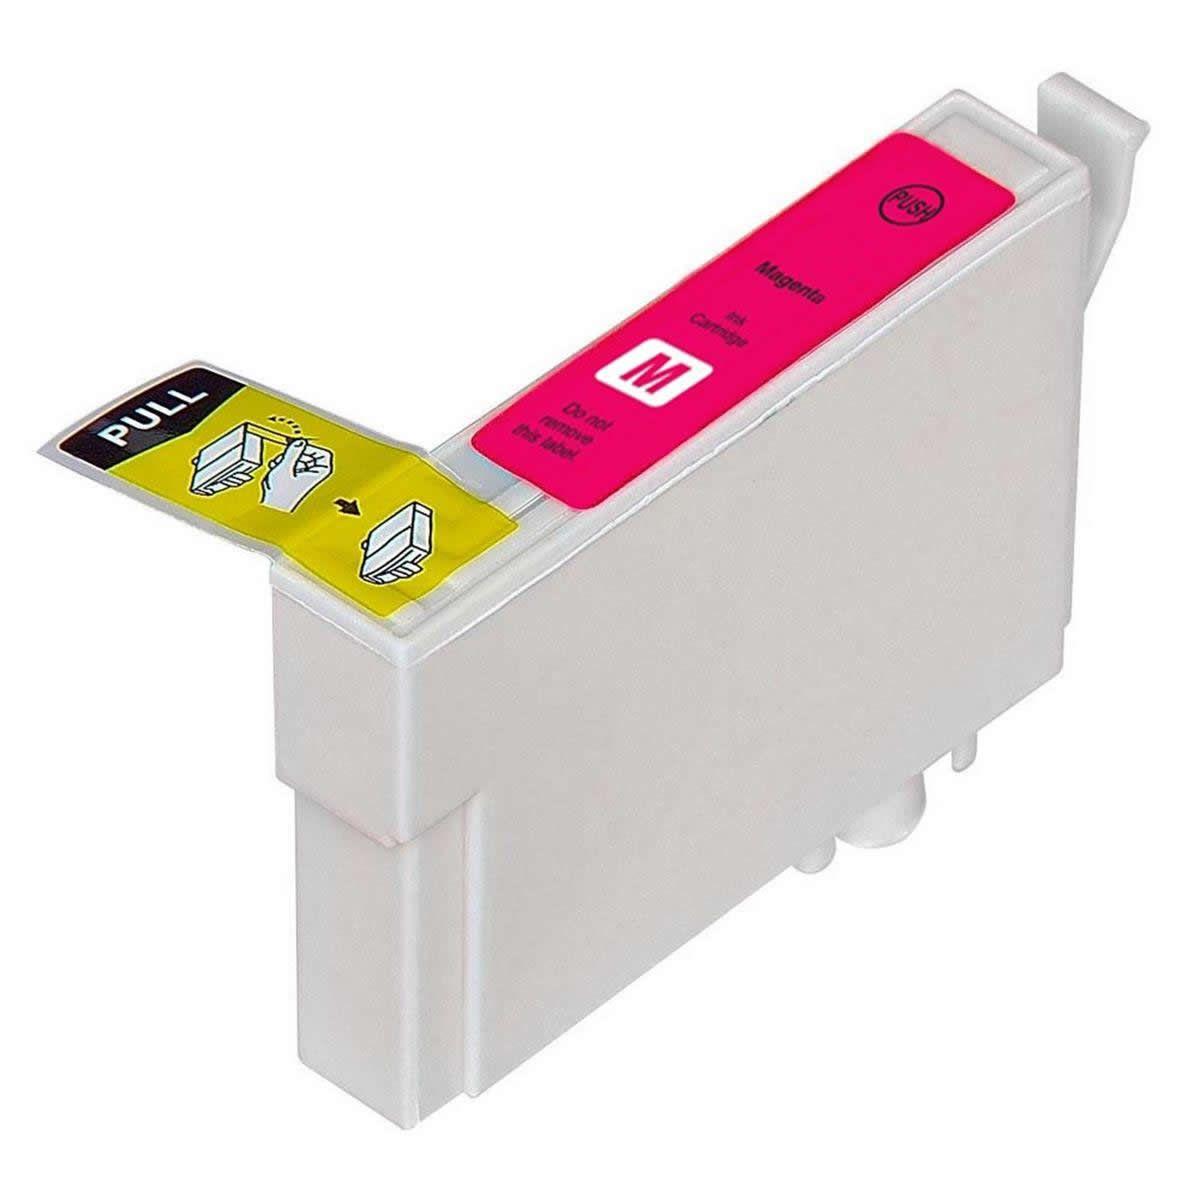 Cartucho TO1333 Magenta Compatível para Epson T22 T25 TX120 TX123 TX130 TX133 TX320F TX235W TX430W TX420W